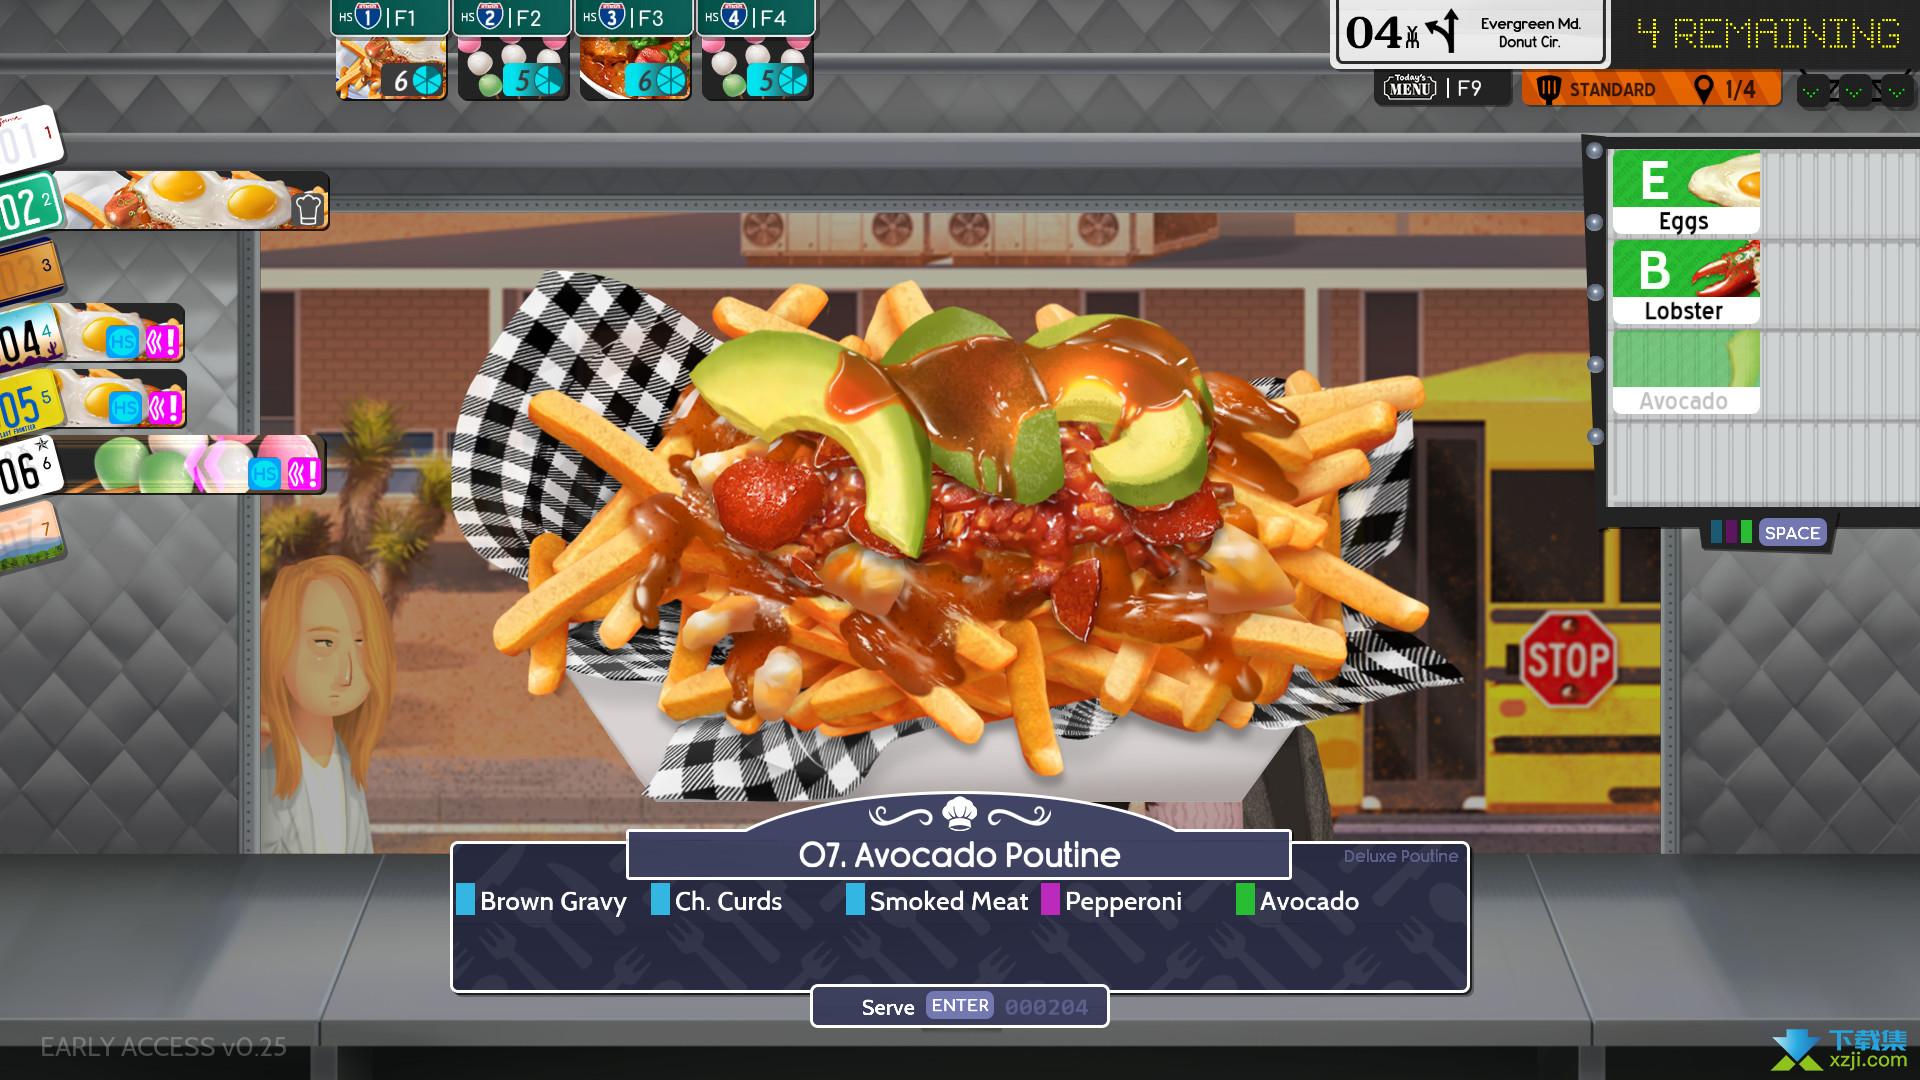 烹调上菜美味3界面3